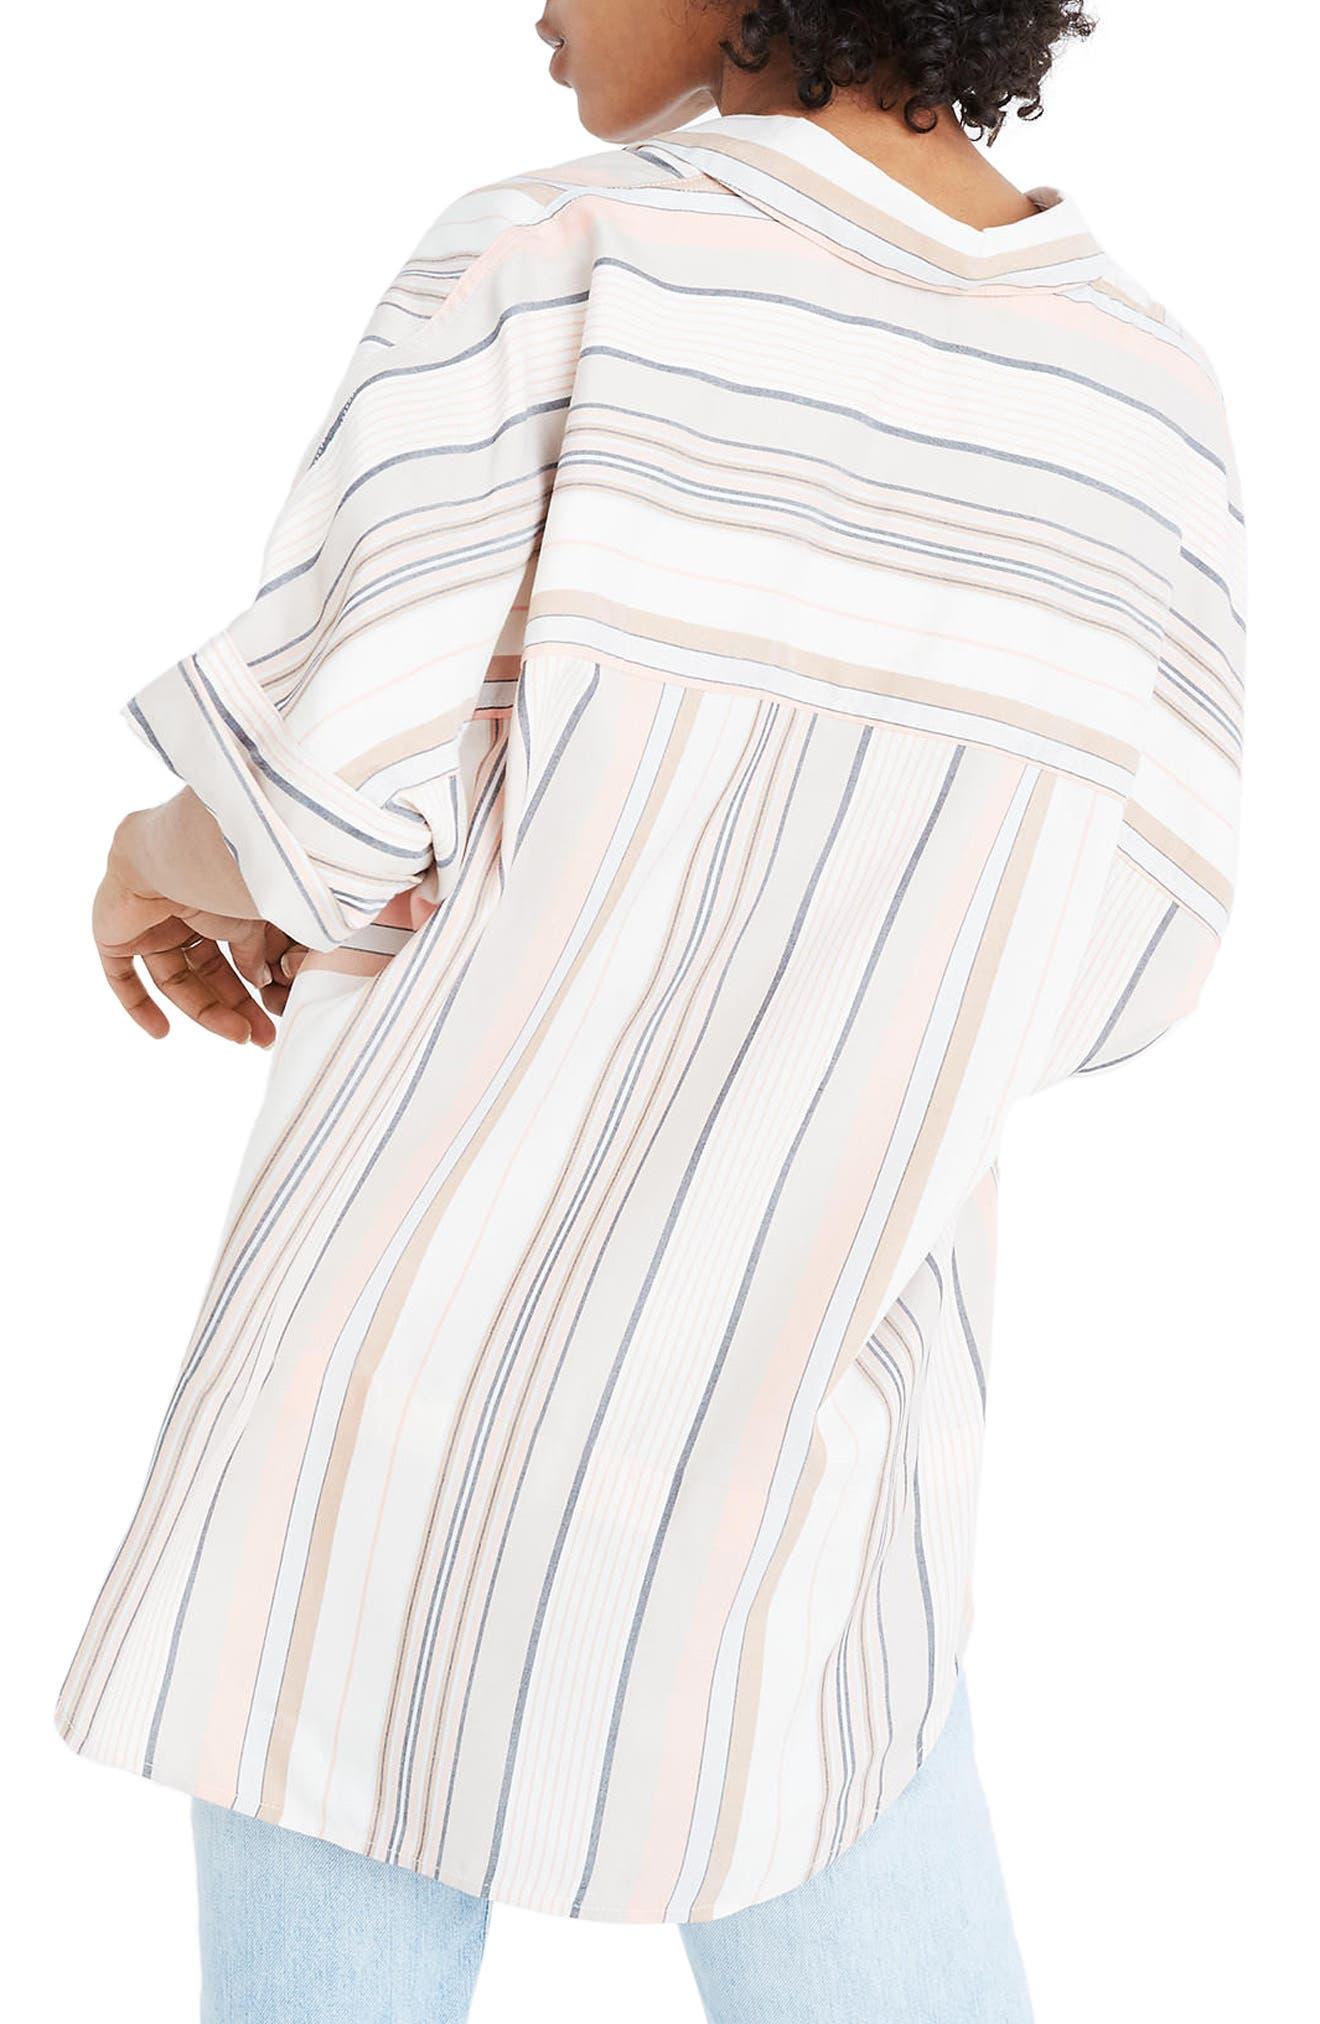 Courier Stripe Shirt,                             Alternate thumbnail 2, color,                             250